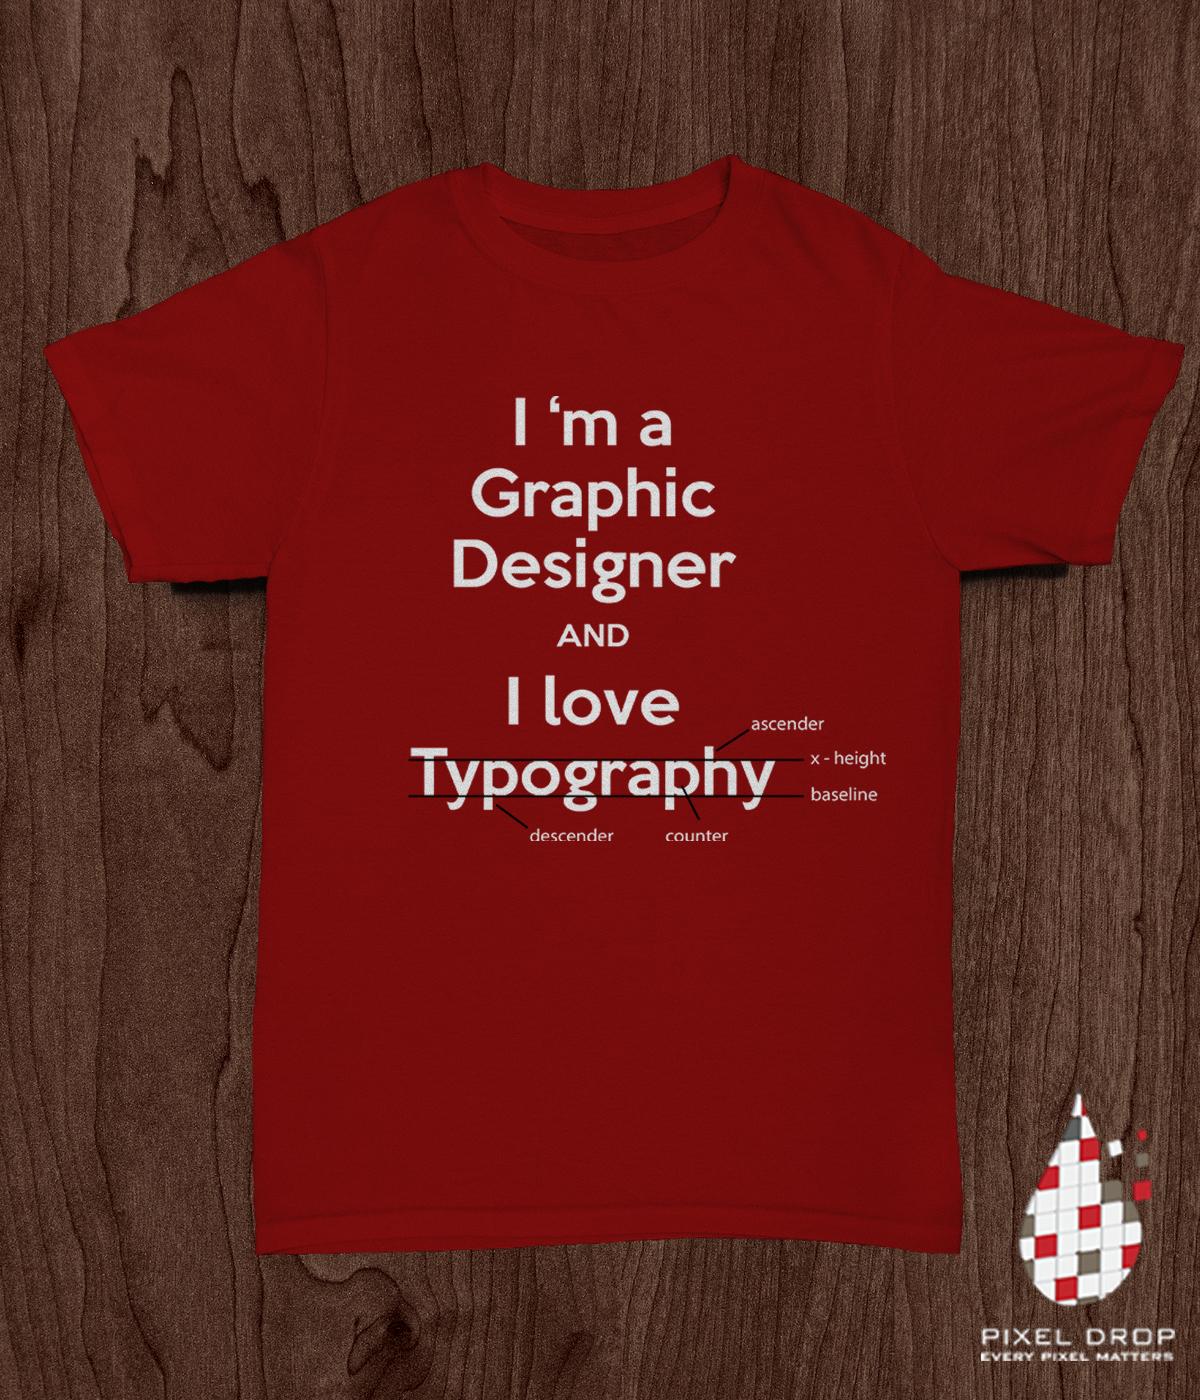 Pixel Drop Kuwait - Graphic and 3D artist T-shirt Designs 8c44ebc49